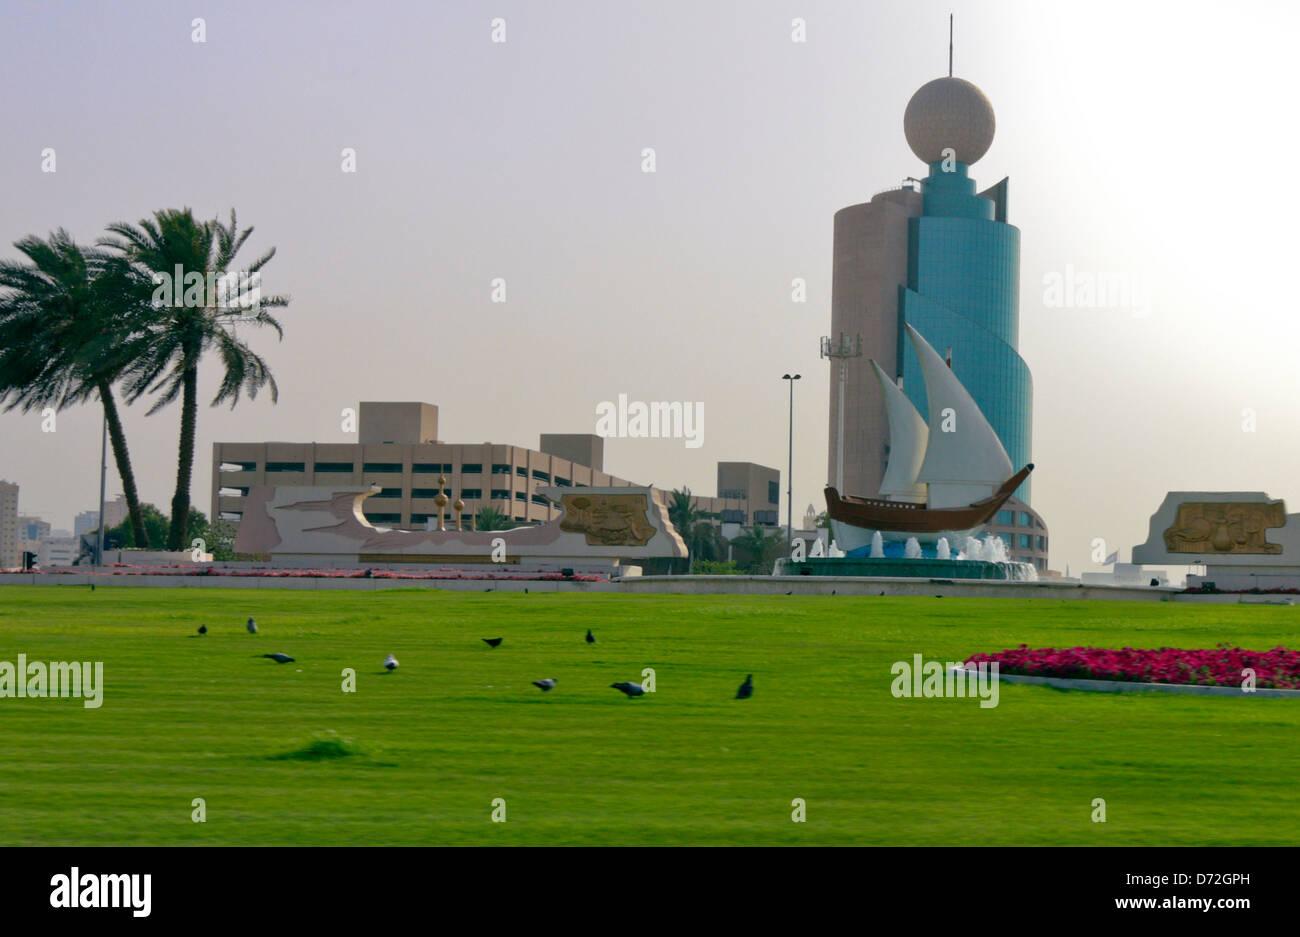 The Etisalat Building at the Kuwait Roundabout in Sharjah, United Arab Emirates, UAE - Stock Image